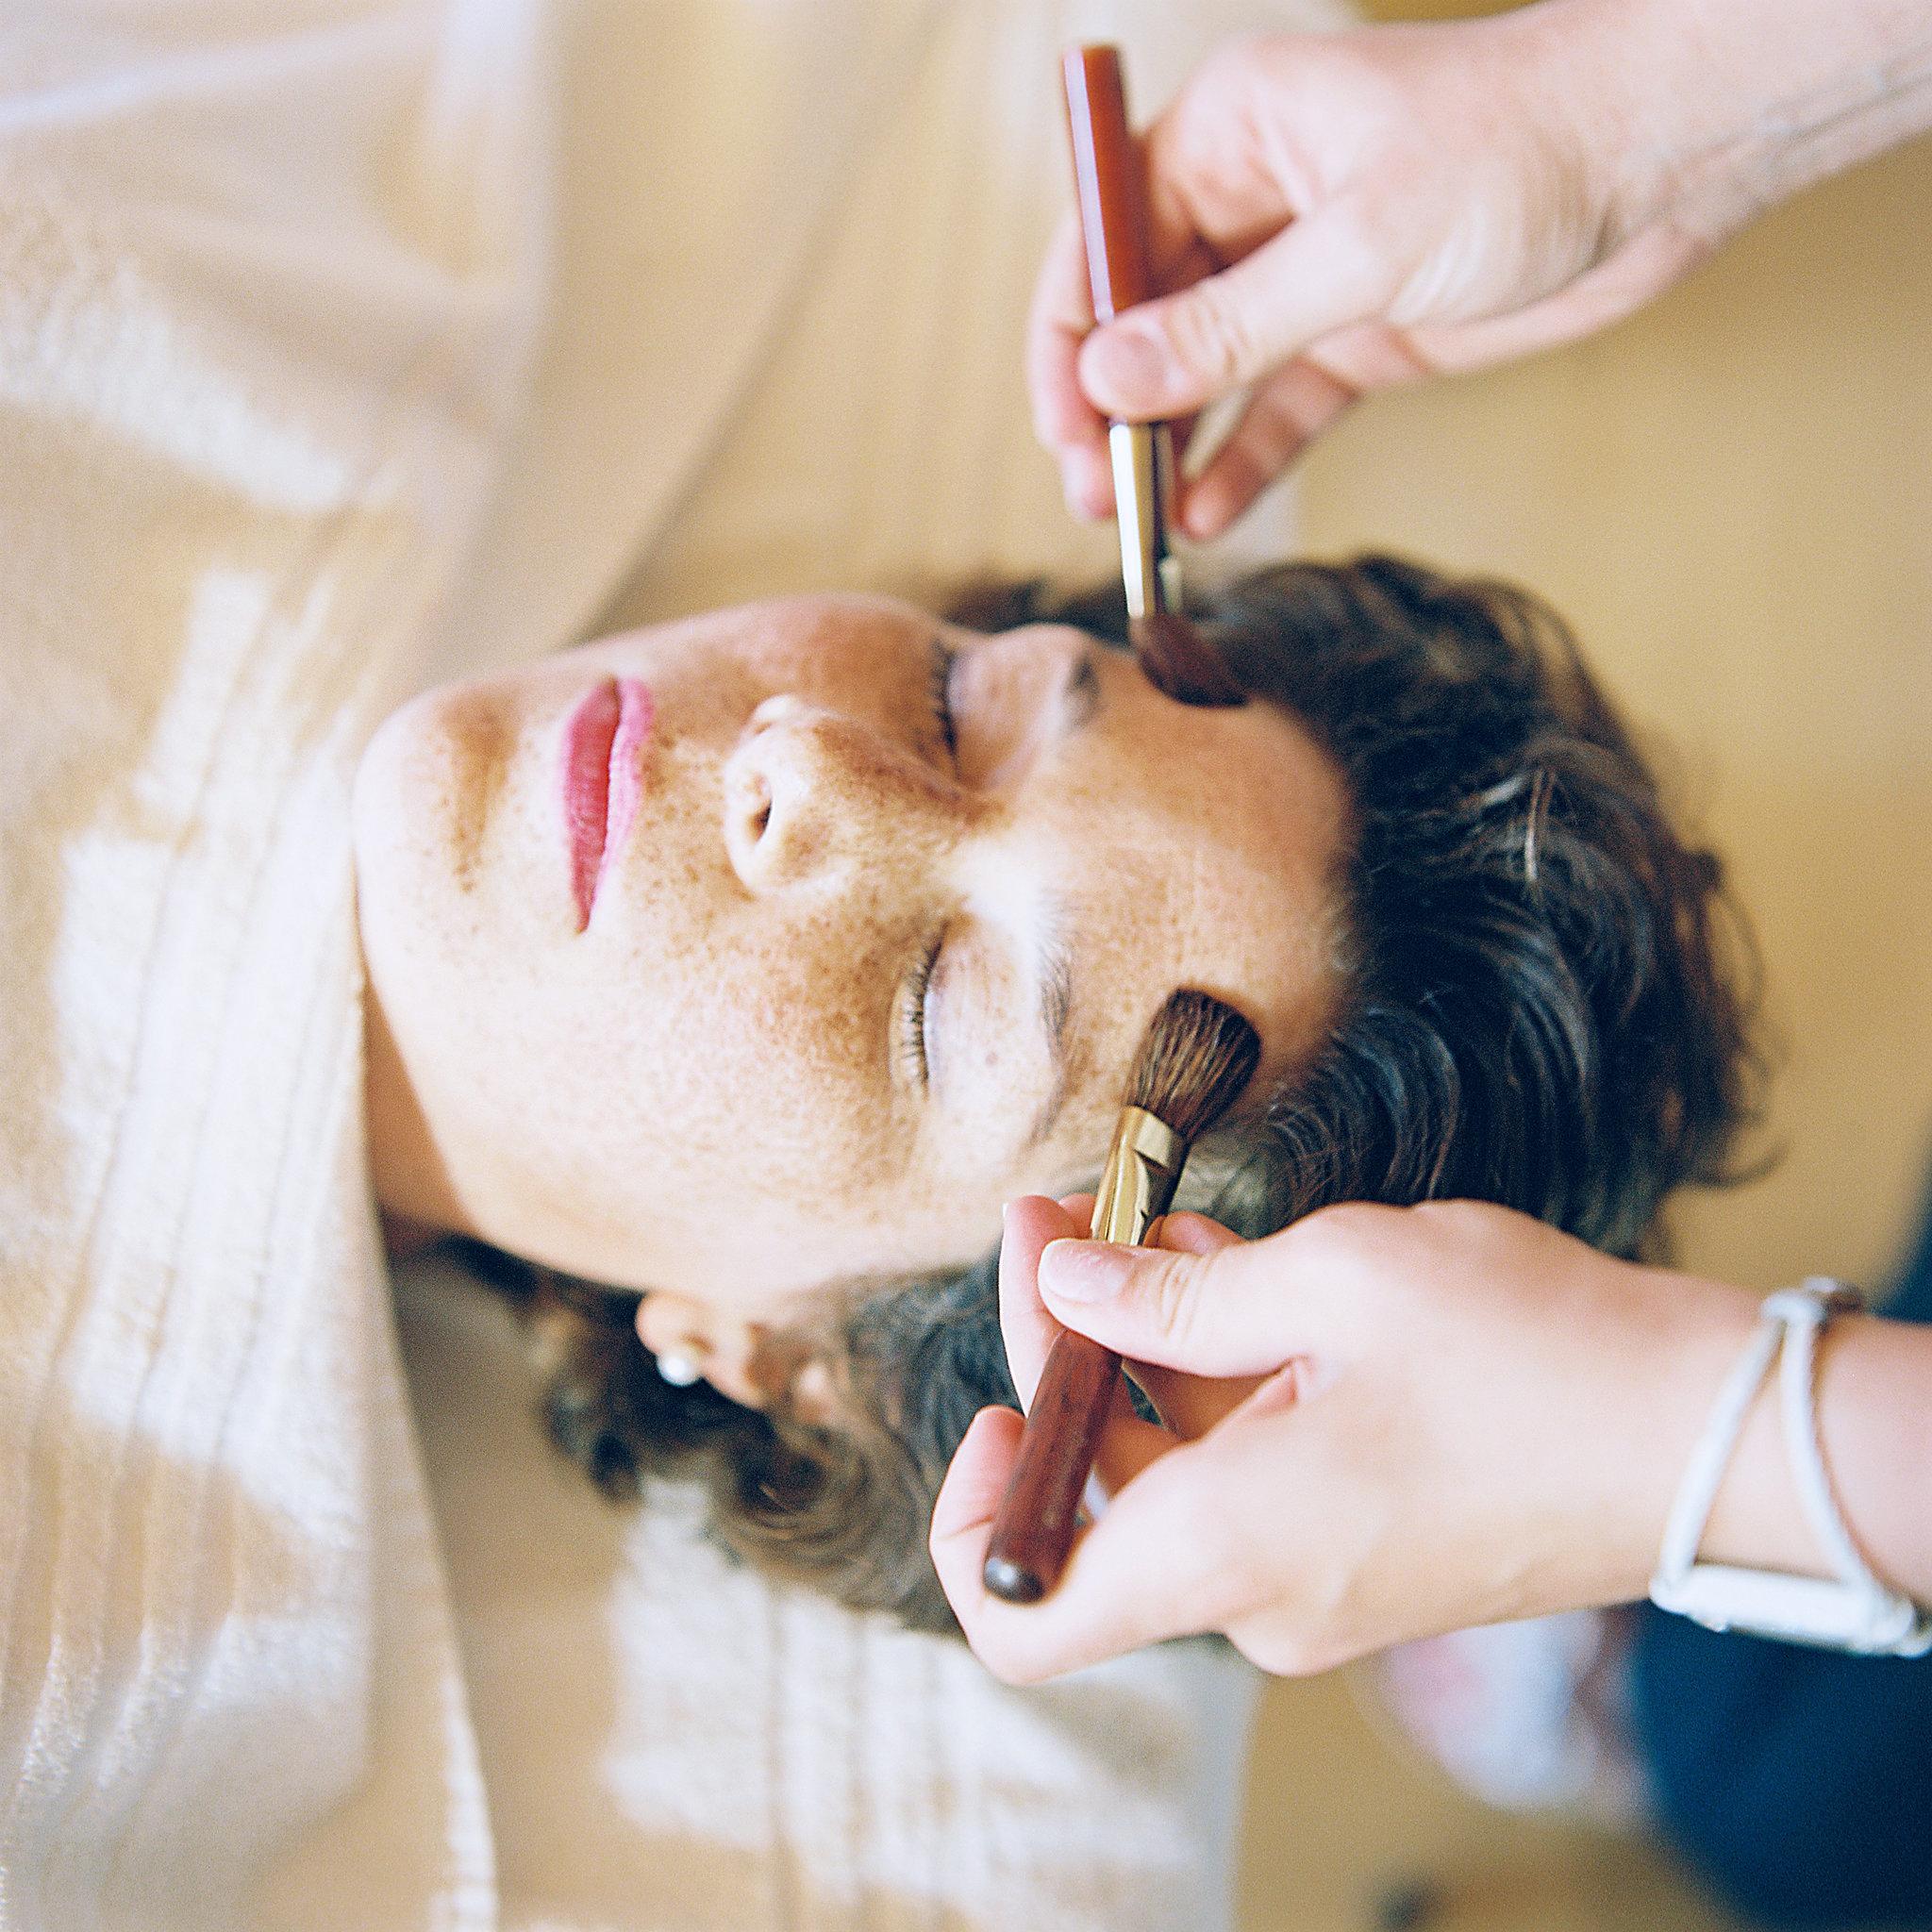 massageRoom